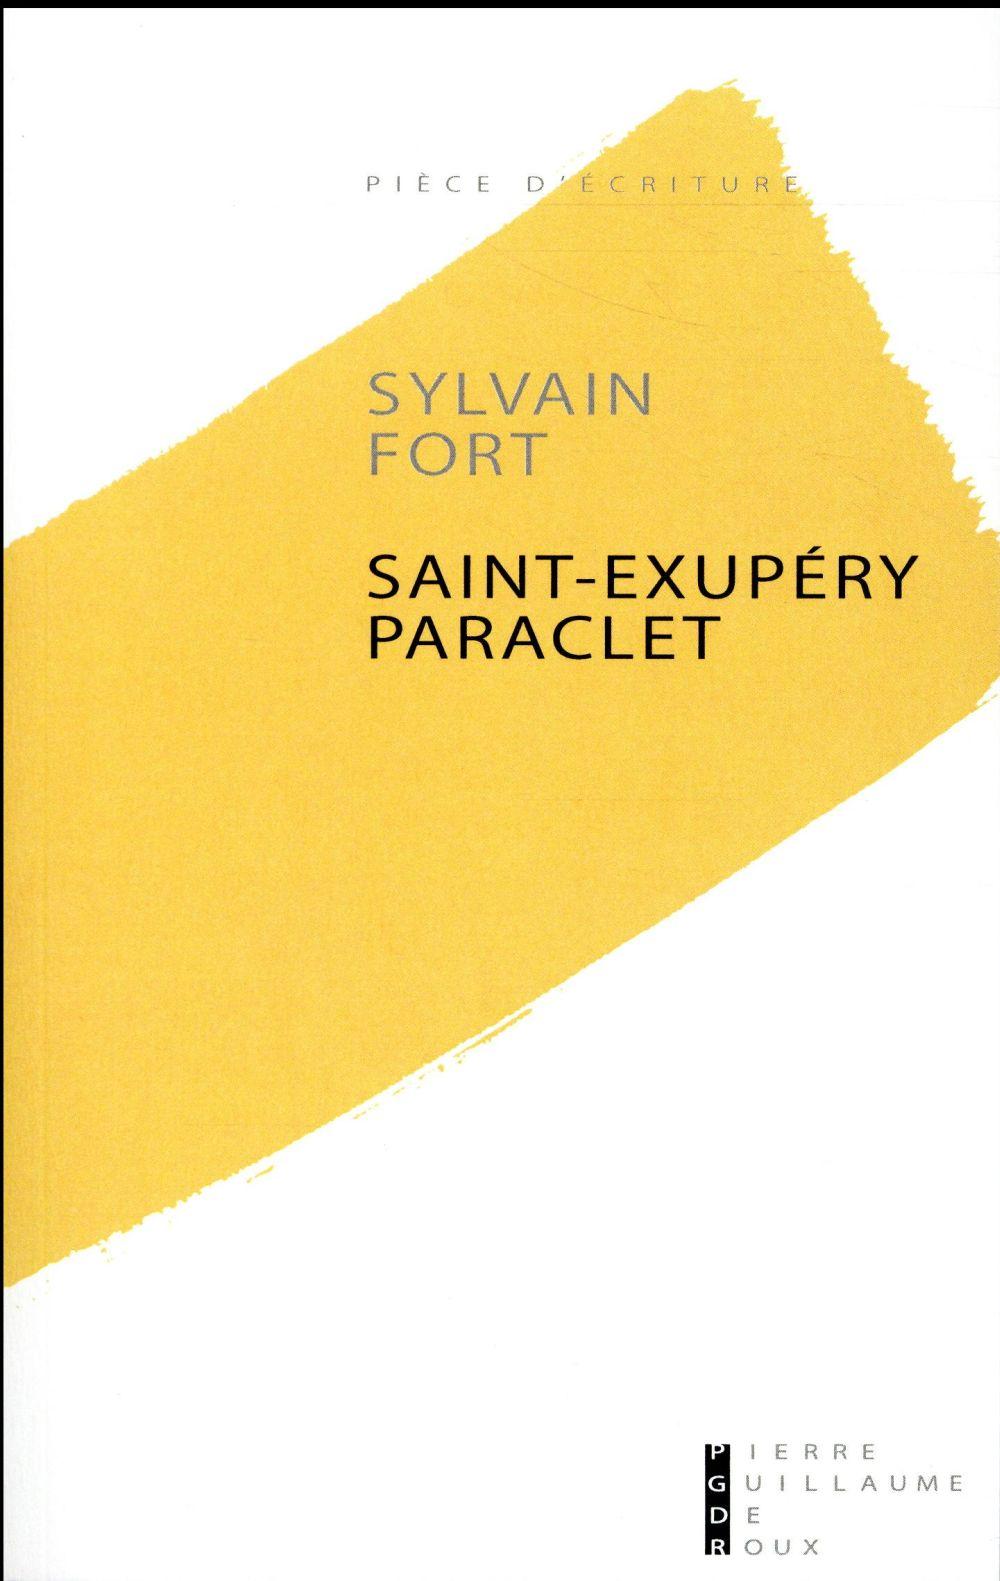 SAINT EXUPERY PARACLET